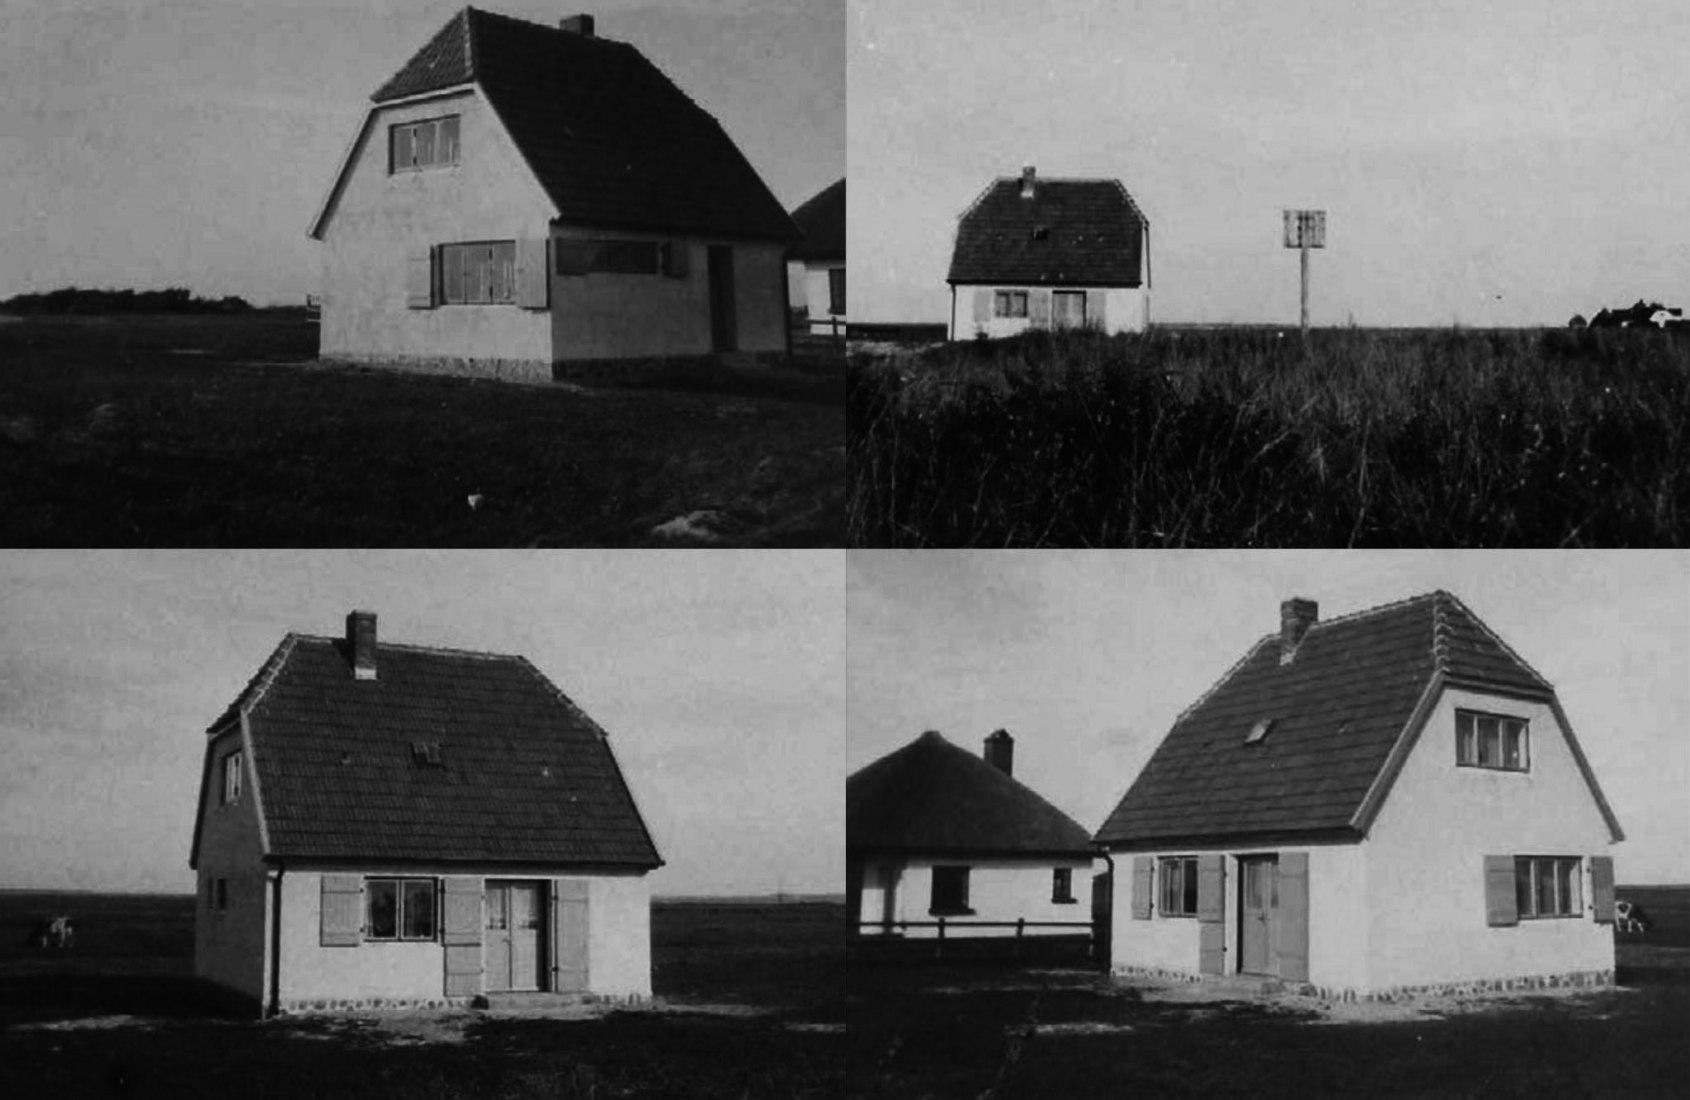 Karl Haertel House designed by Annemarie Wilke, between 1936-1937.